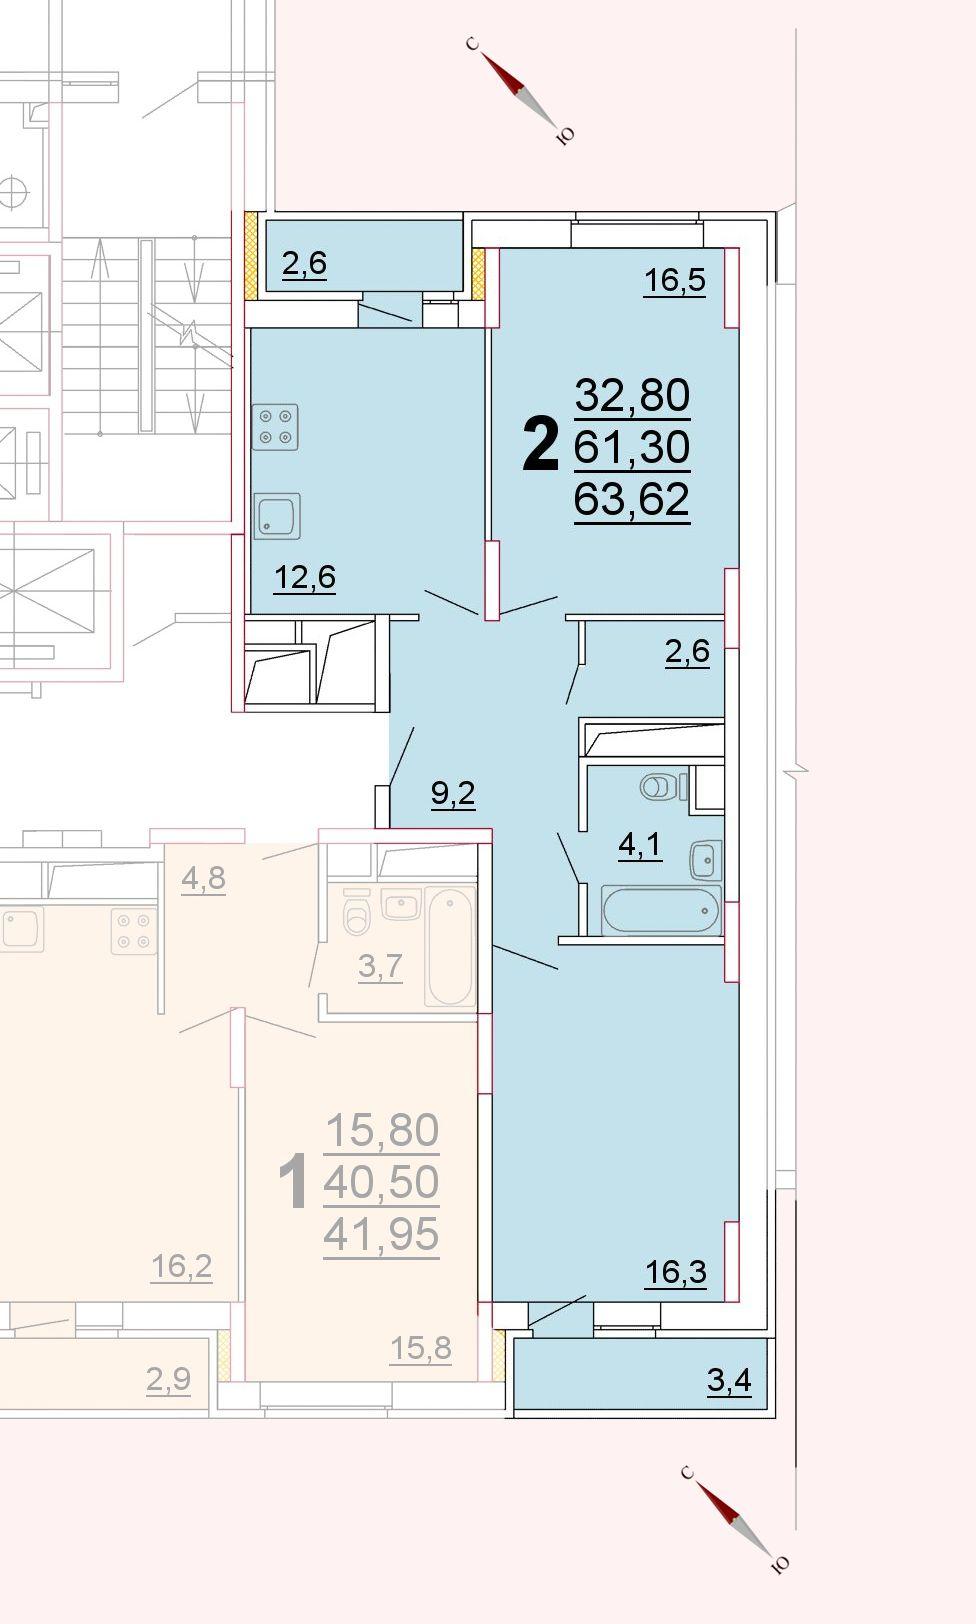 Микрорайон «Центральный», корпус 52г, секция 2, квартира 63,62 м2